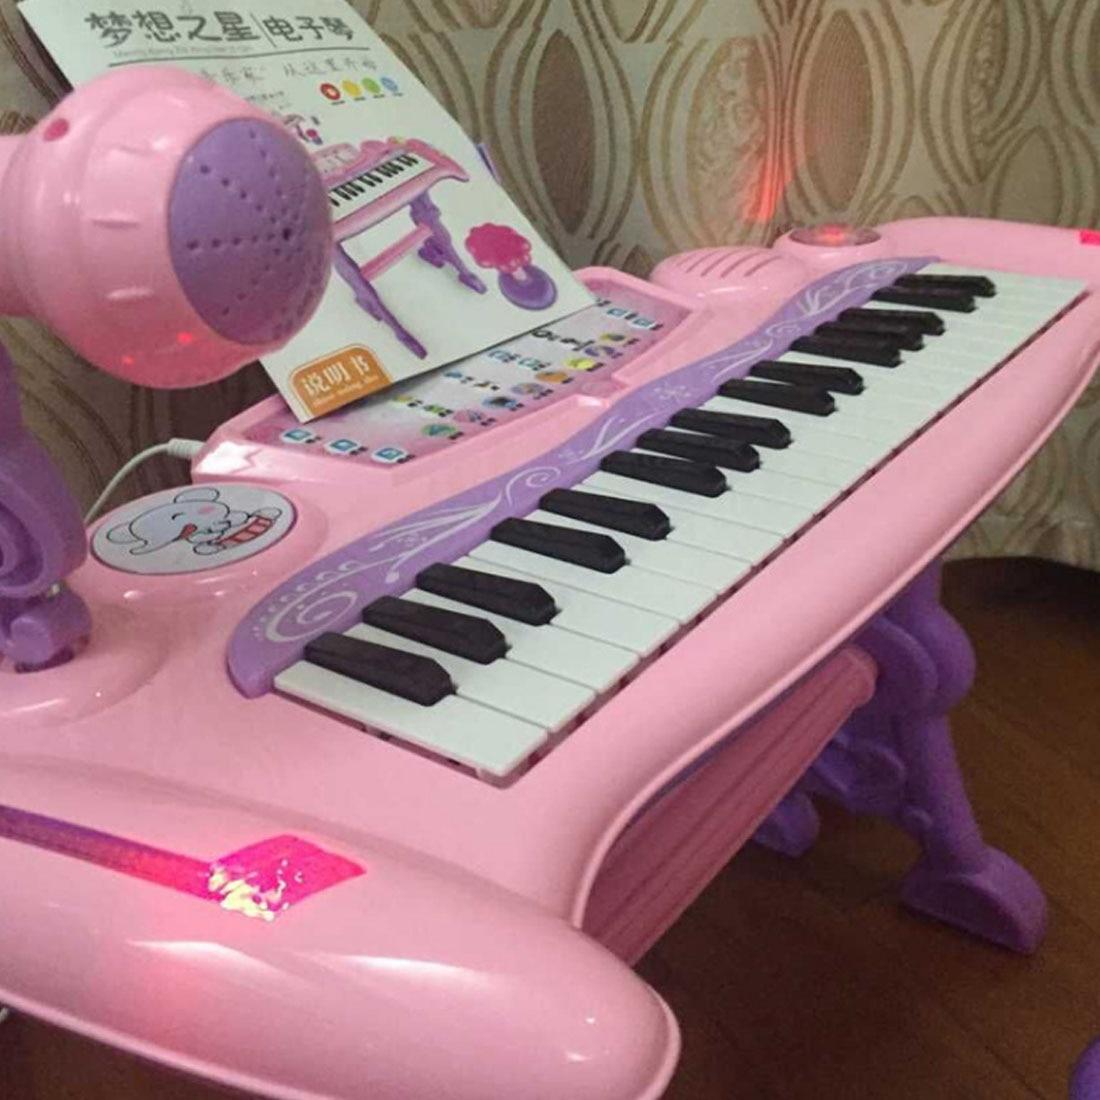 Juguete Musical Chargable para niños 37 teclas de órgano electrónico con micrófono y taburete para niñas juguetes de educación temprana para niños - 4